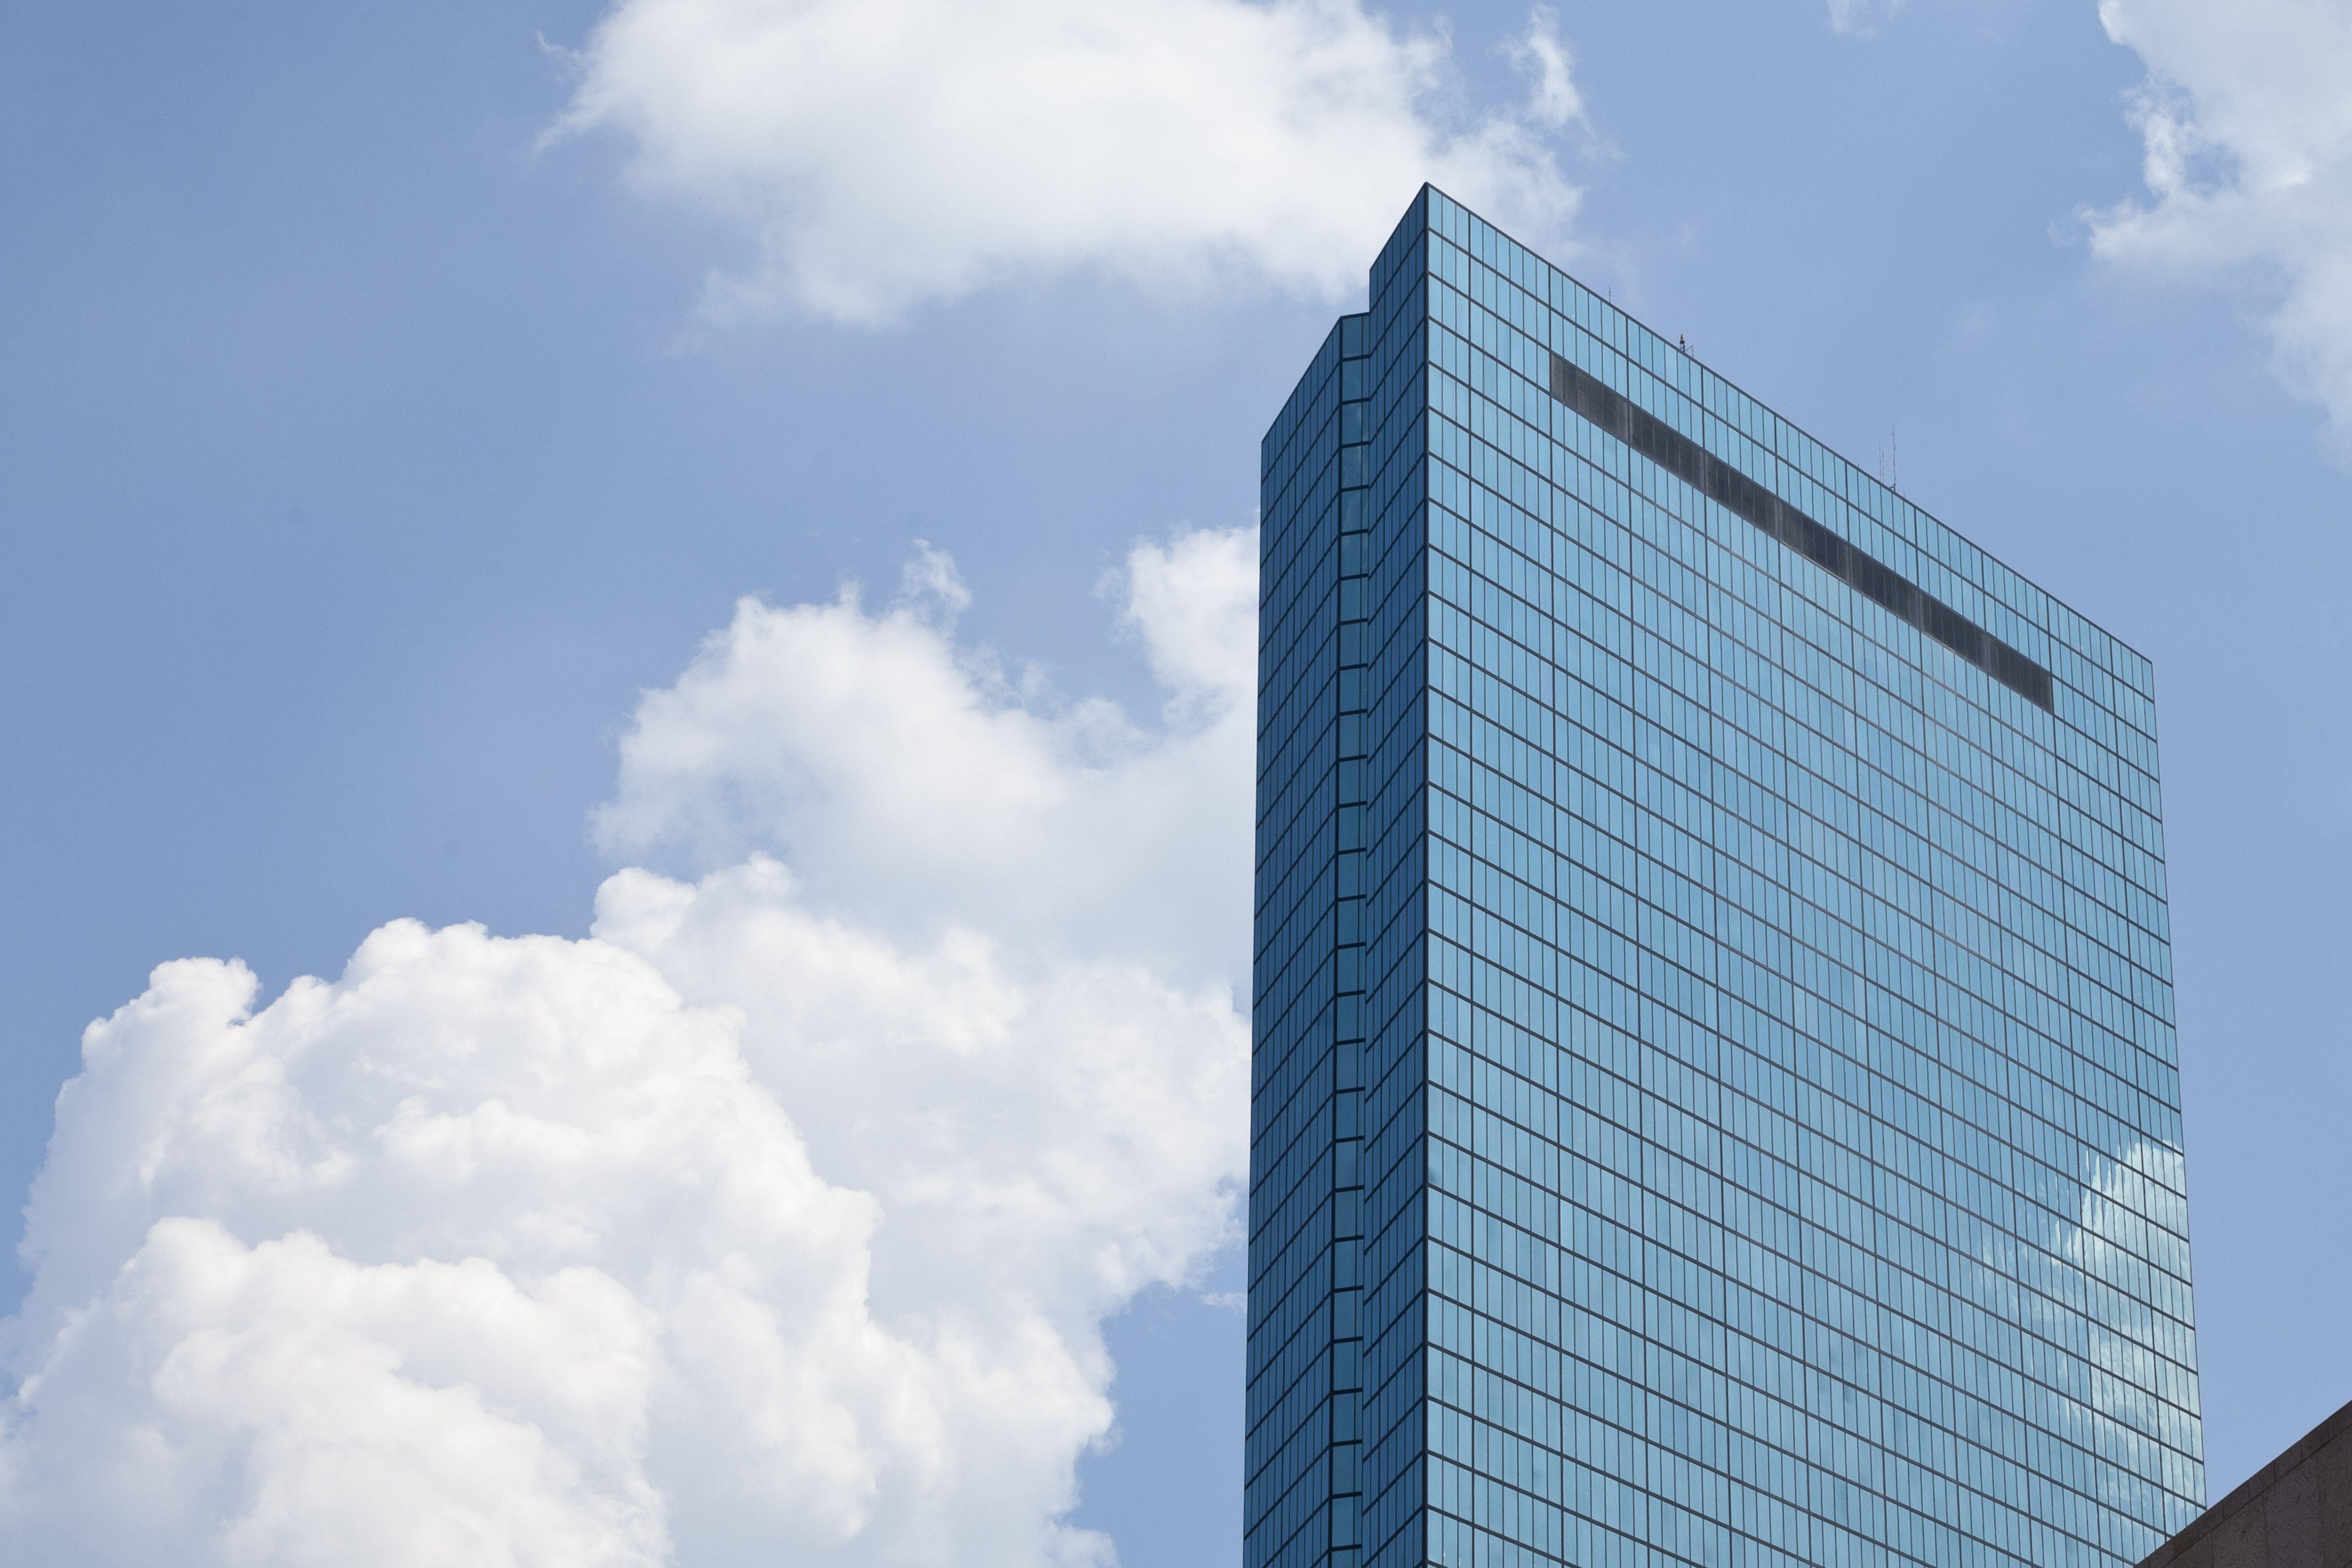 Glass facade skyscraper, the John Hancock Tower in Boston